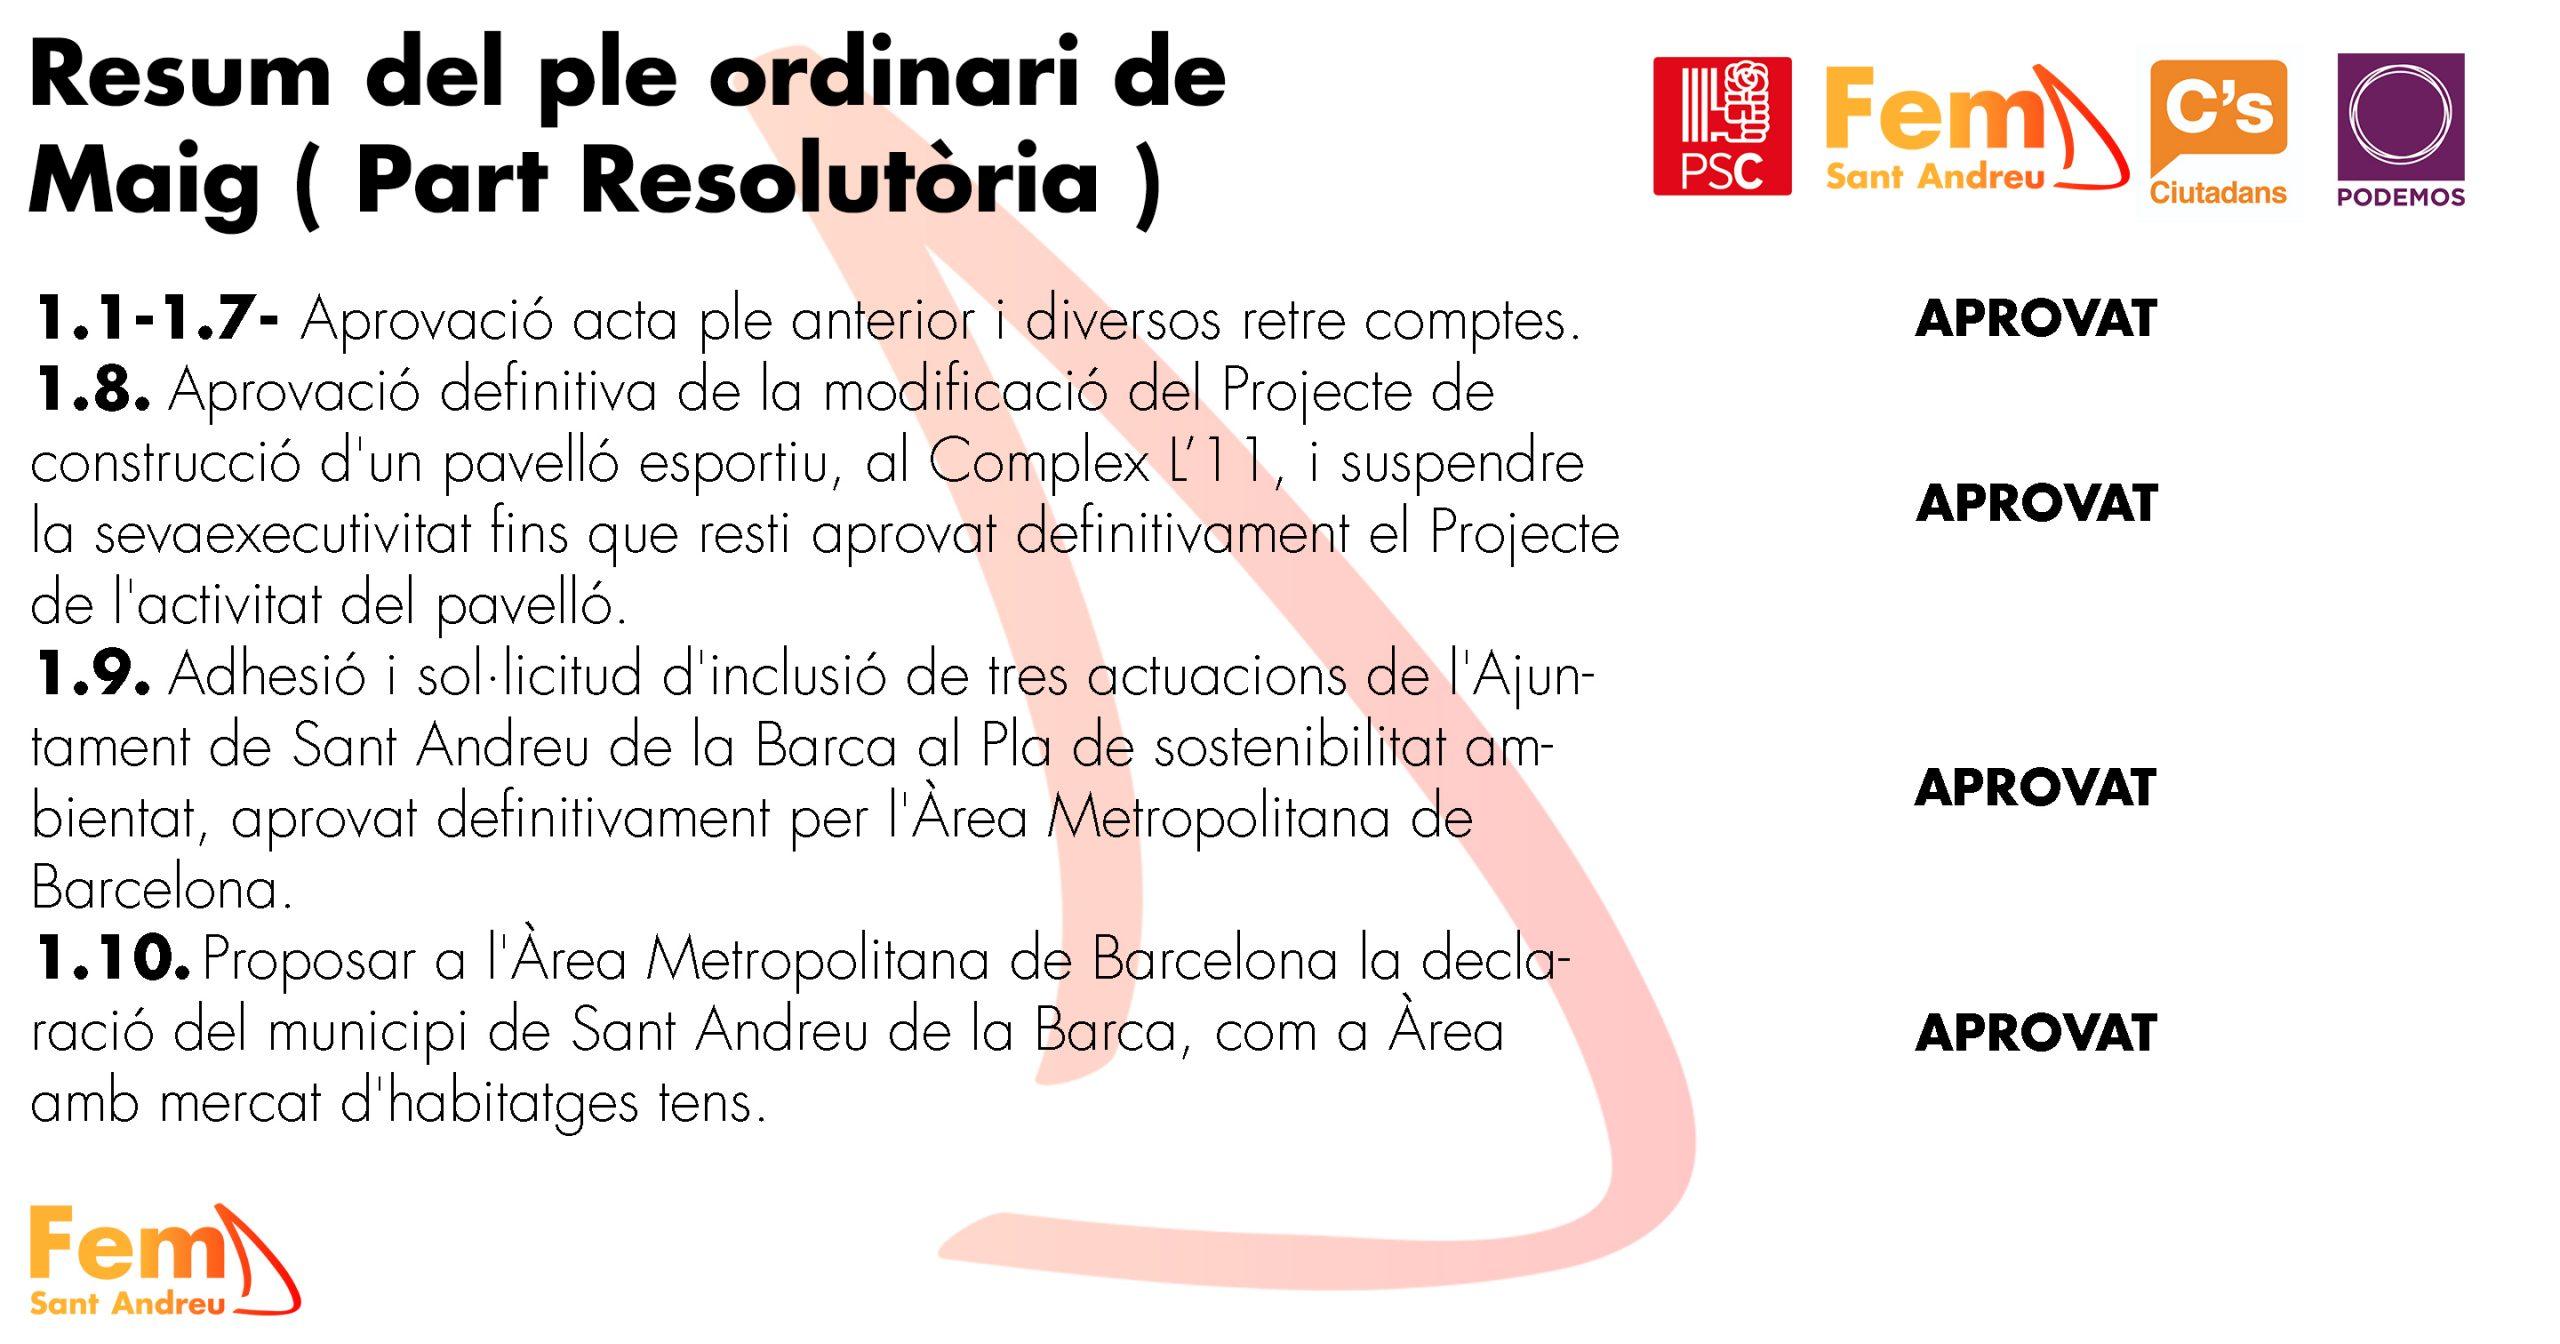 Comunicacio_ple_resolutoria_1_maig